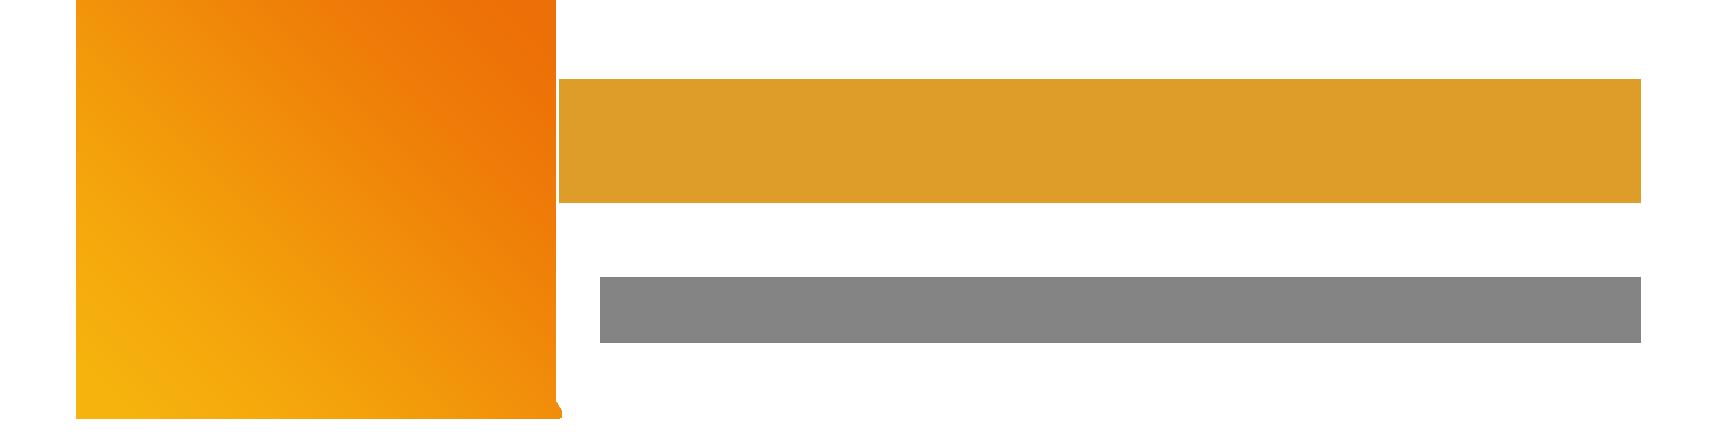 logotipo_alevev